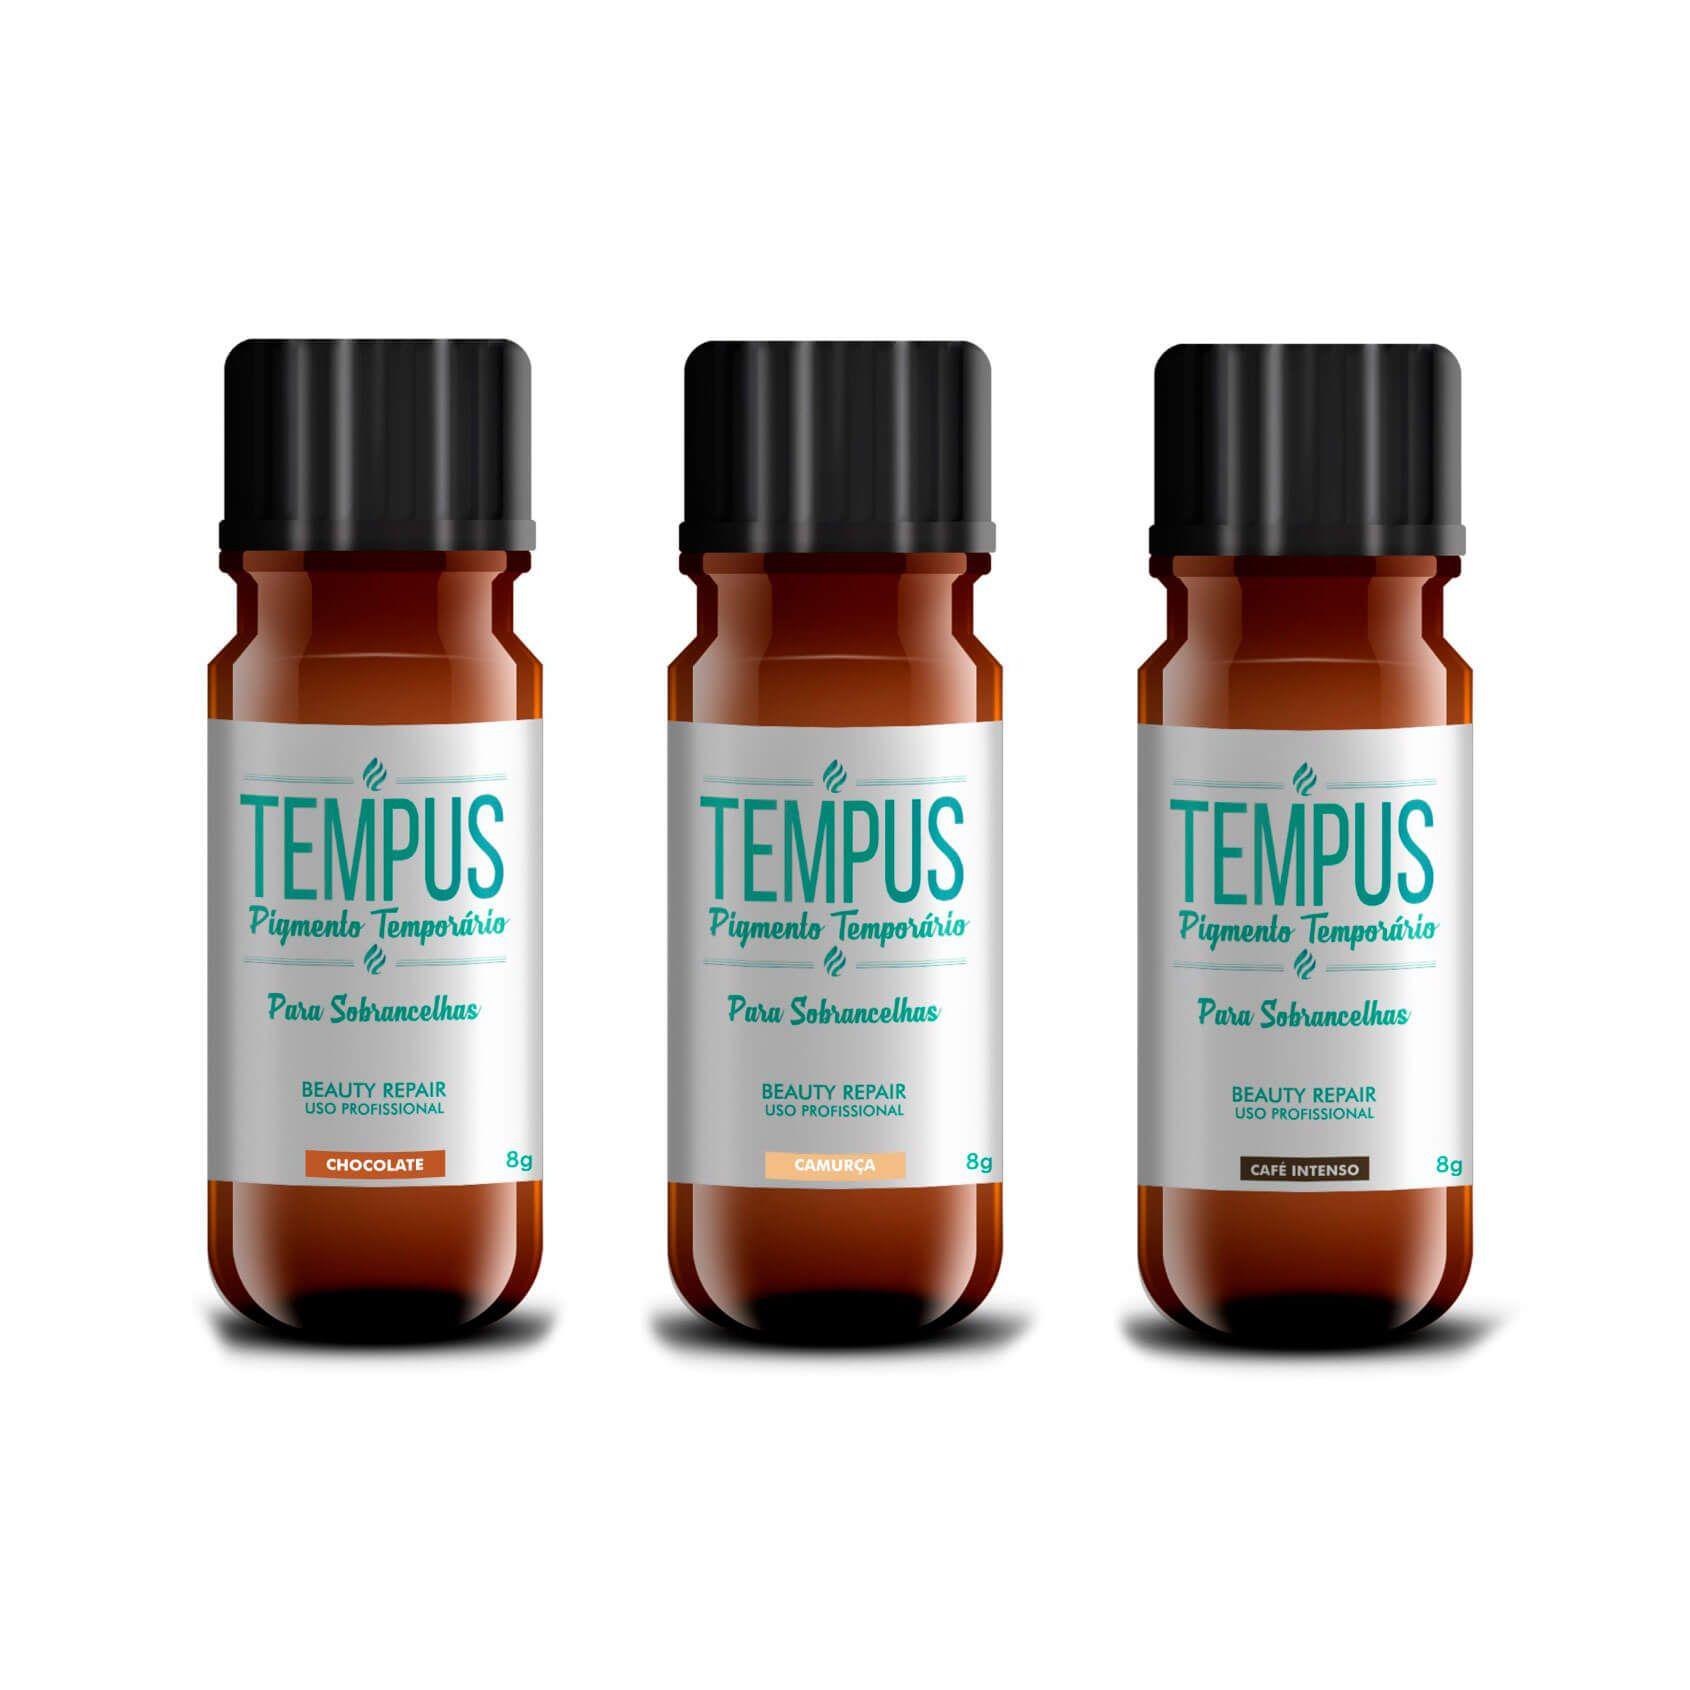 Pigmento Temporário Tempus RB Kollors 4g Kit 03 cores